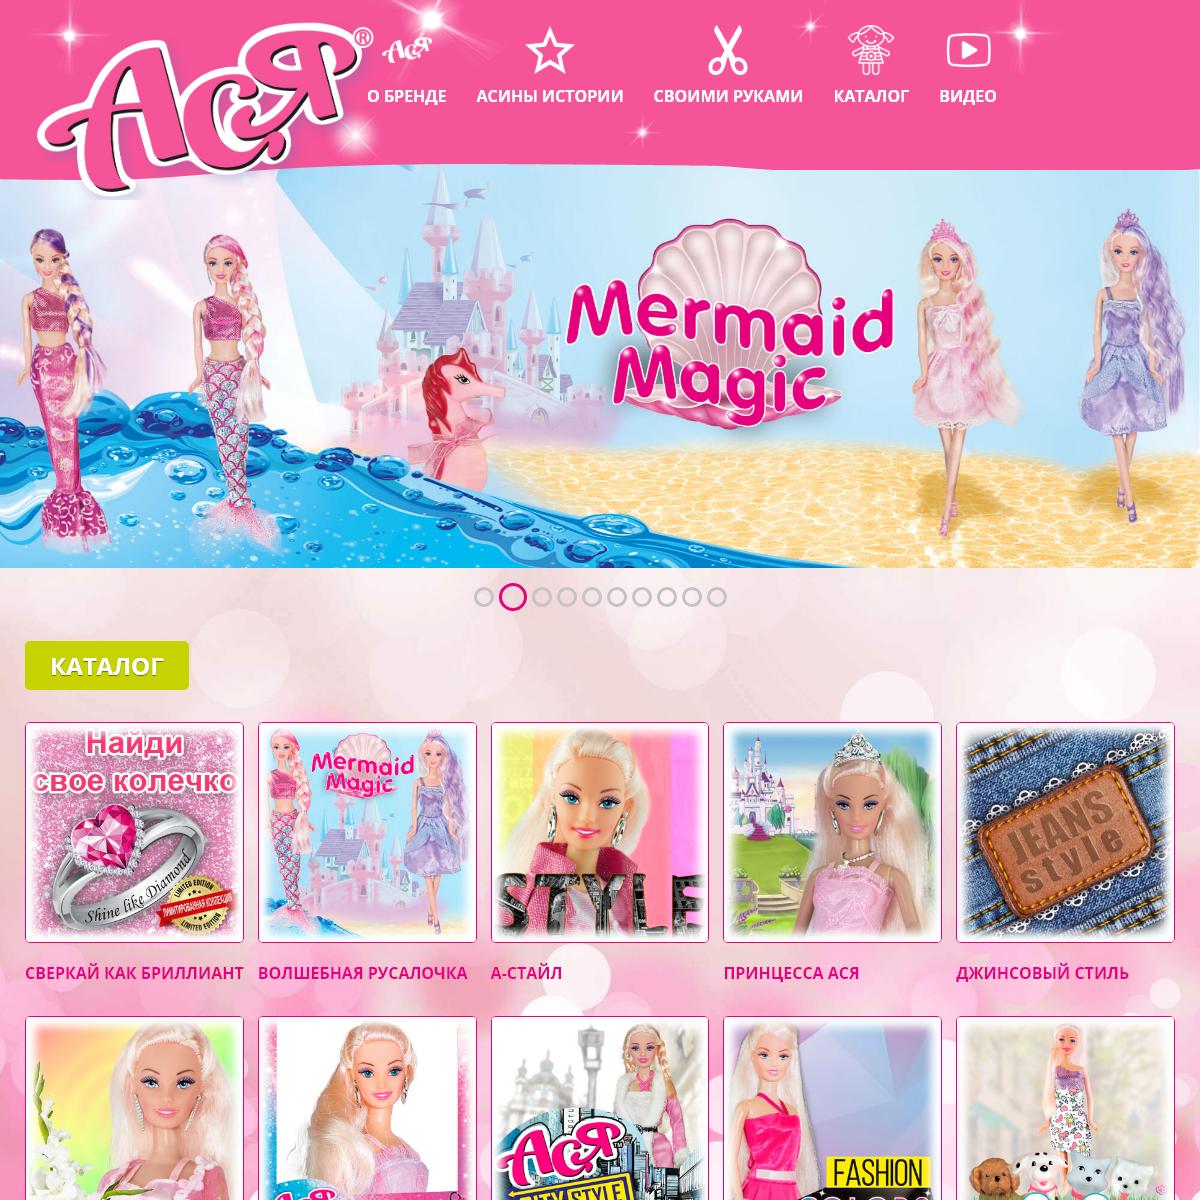 Кукла Ася - наборы с модной куклой. ❤ Официальный сайт в России.